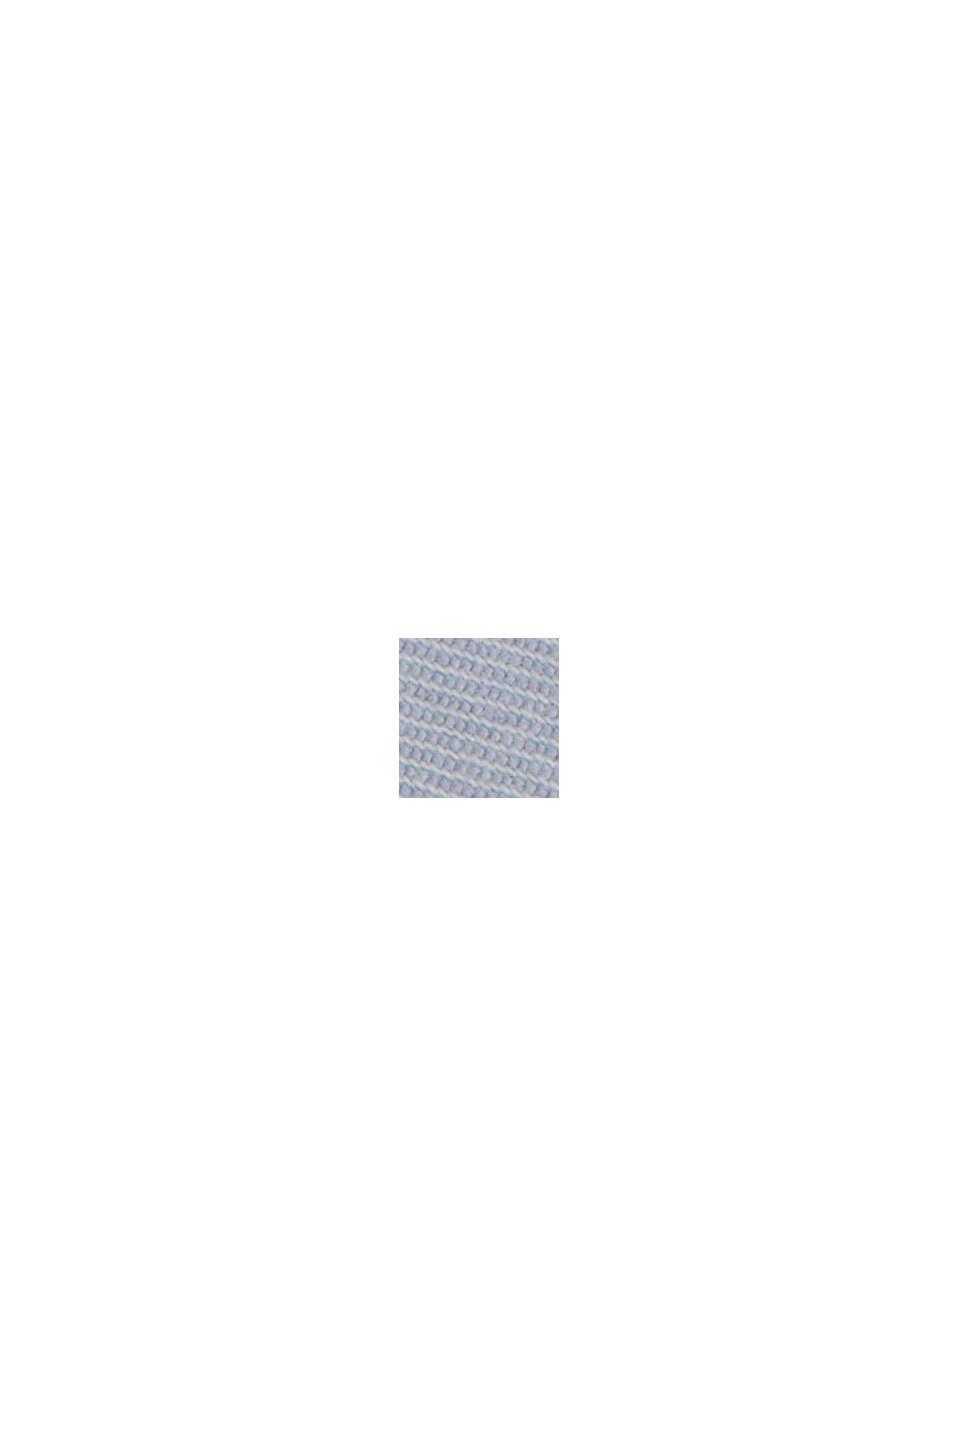 Chino-shorts af økologisk bomuld, LIGHT BLUE LAVENDER, swatch